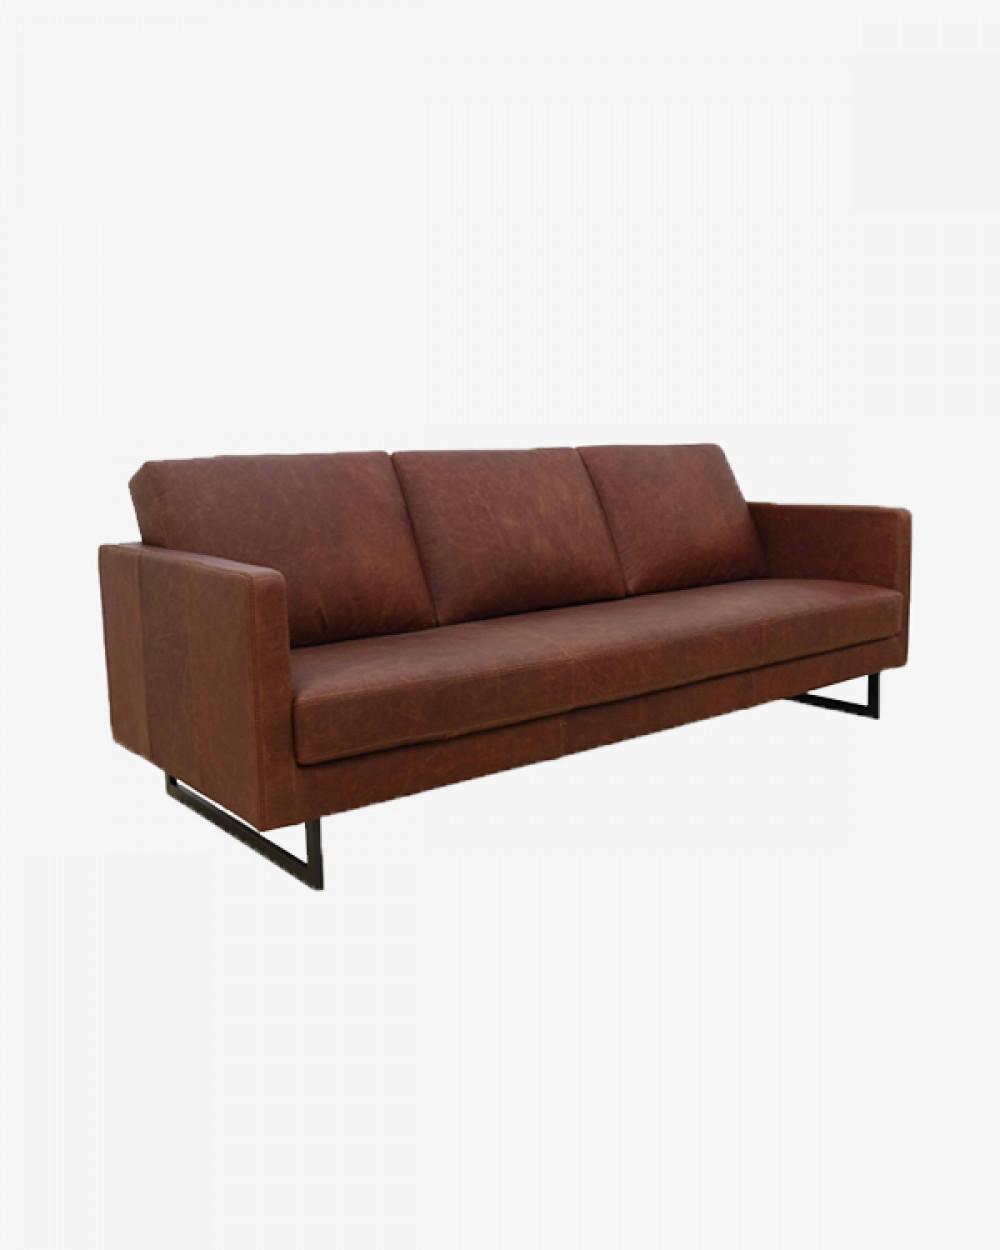 3 Seater | Carlo Maria Leather Sofa